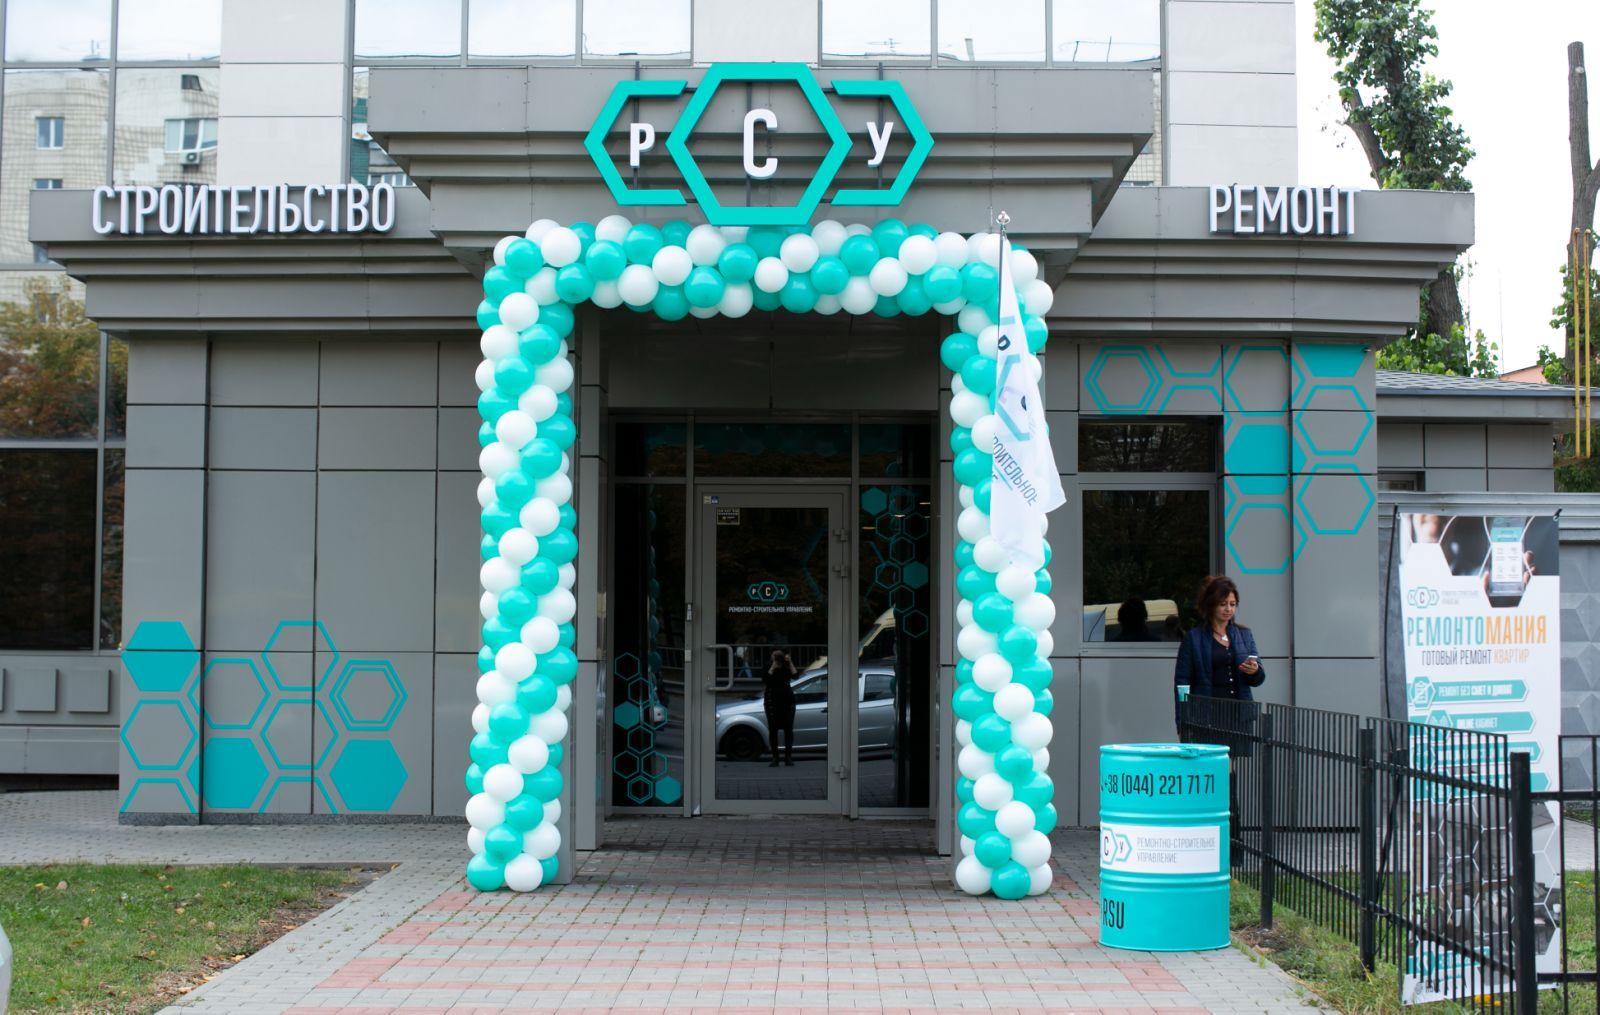 Шоу-Рум РСУ в Киеве